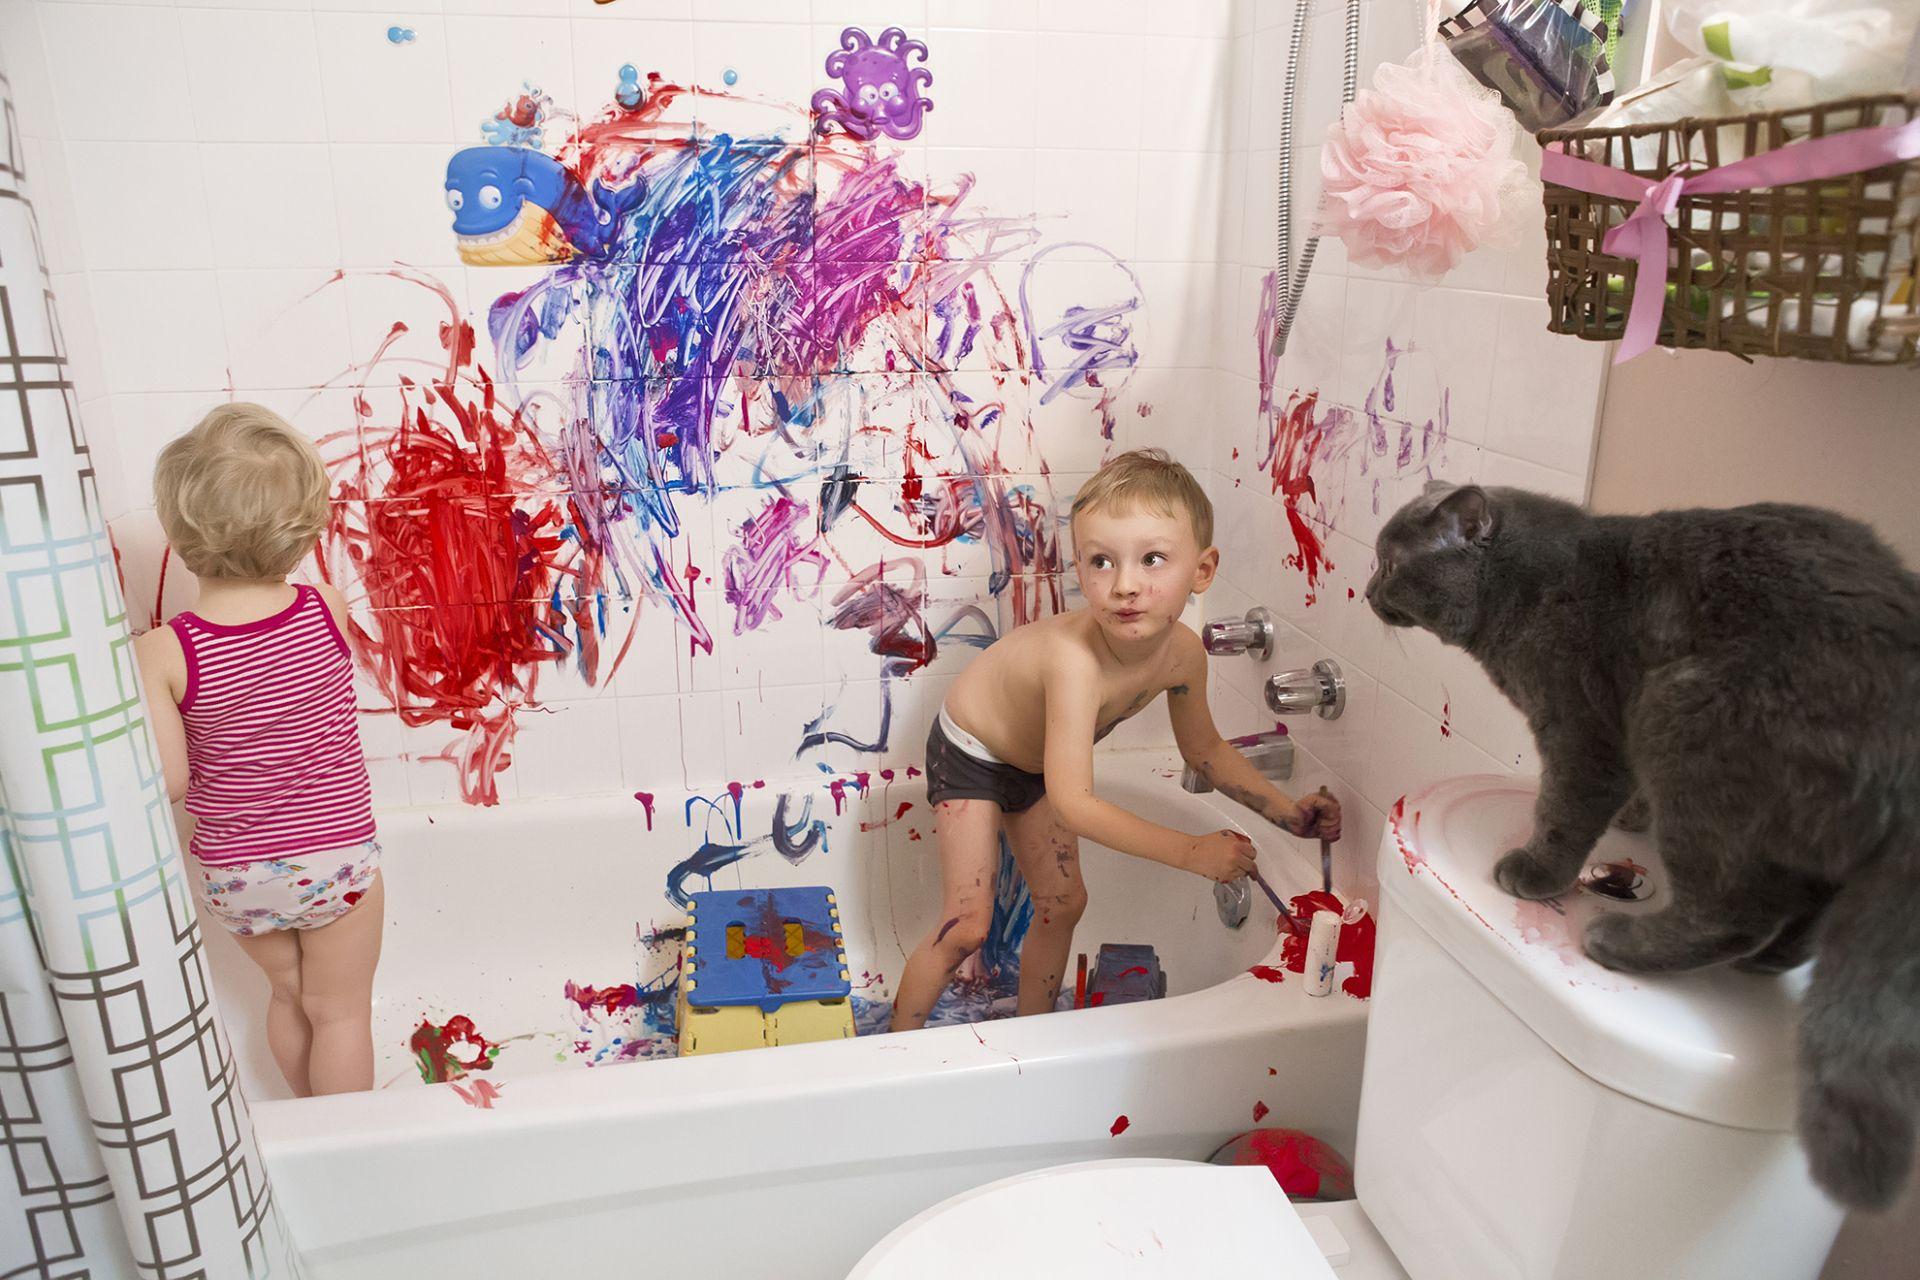 lapset seisovat kylpyammeessa ja ovat maalanneet kylpyhuoneen seinän